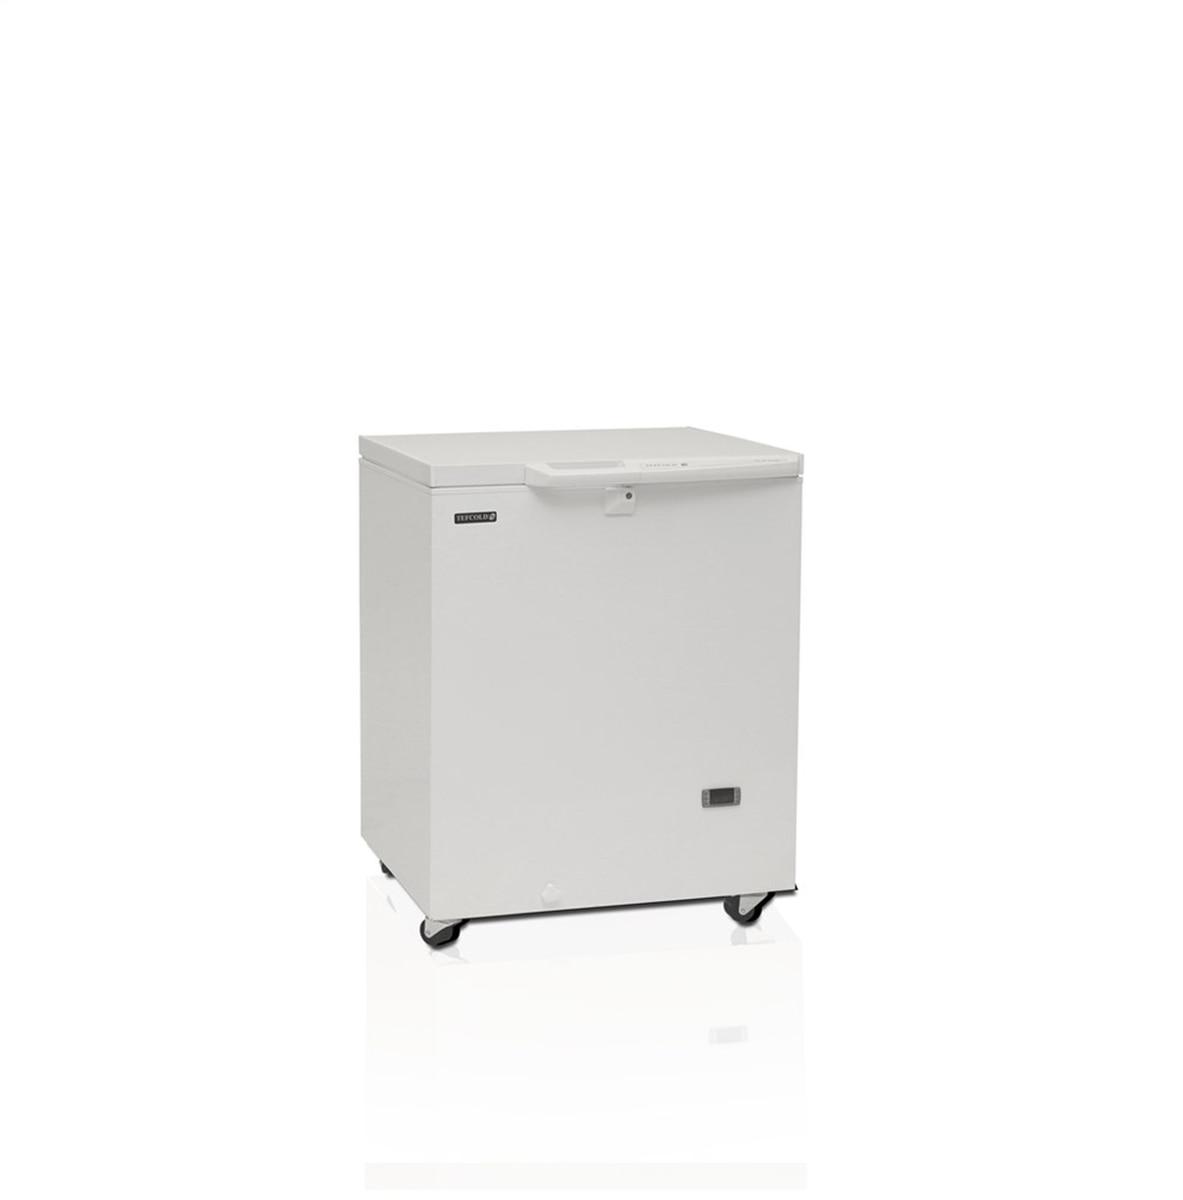 Tefcold Laboratoriefryseboks-45 grader 155 liter SE10-45